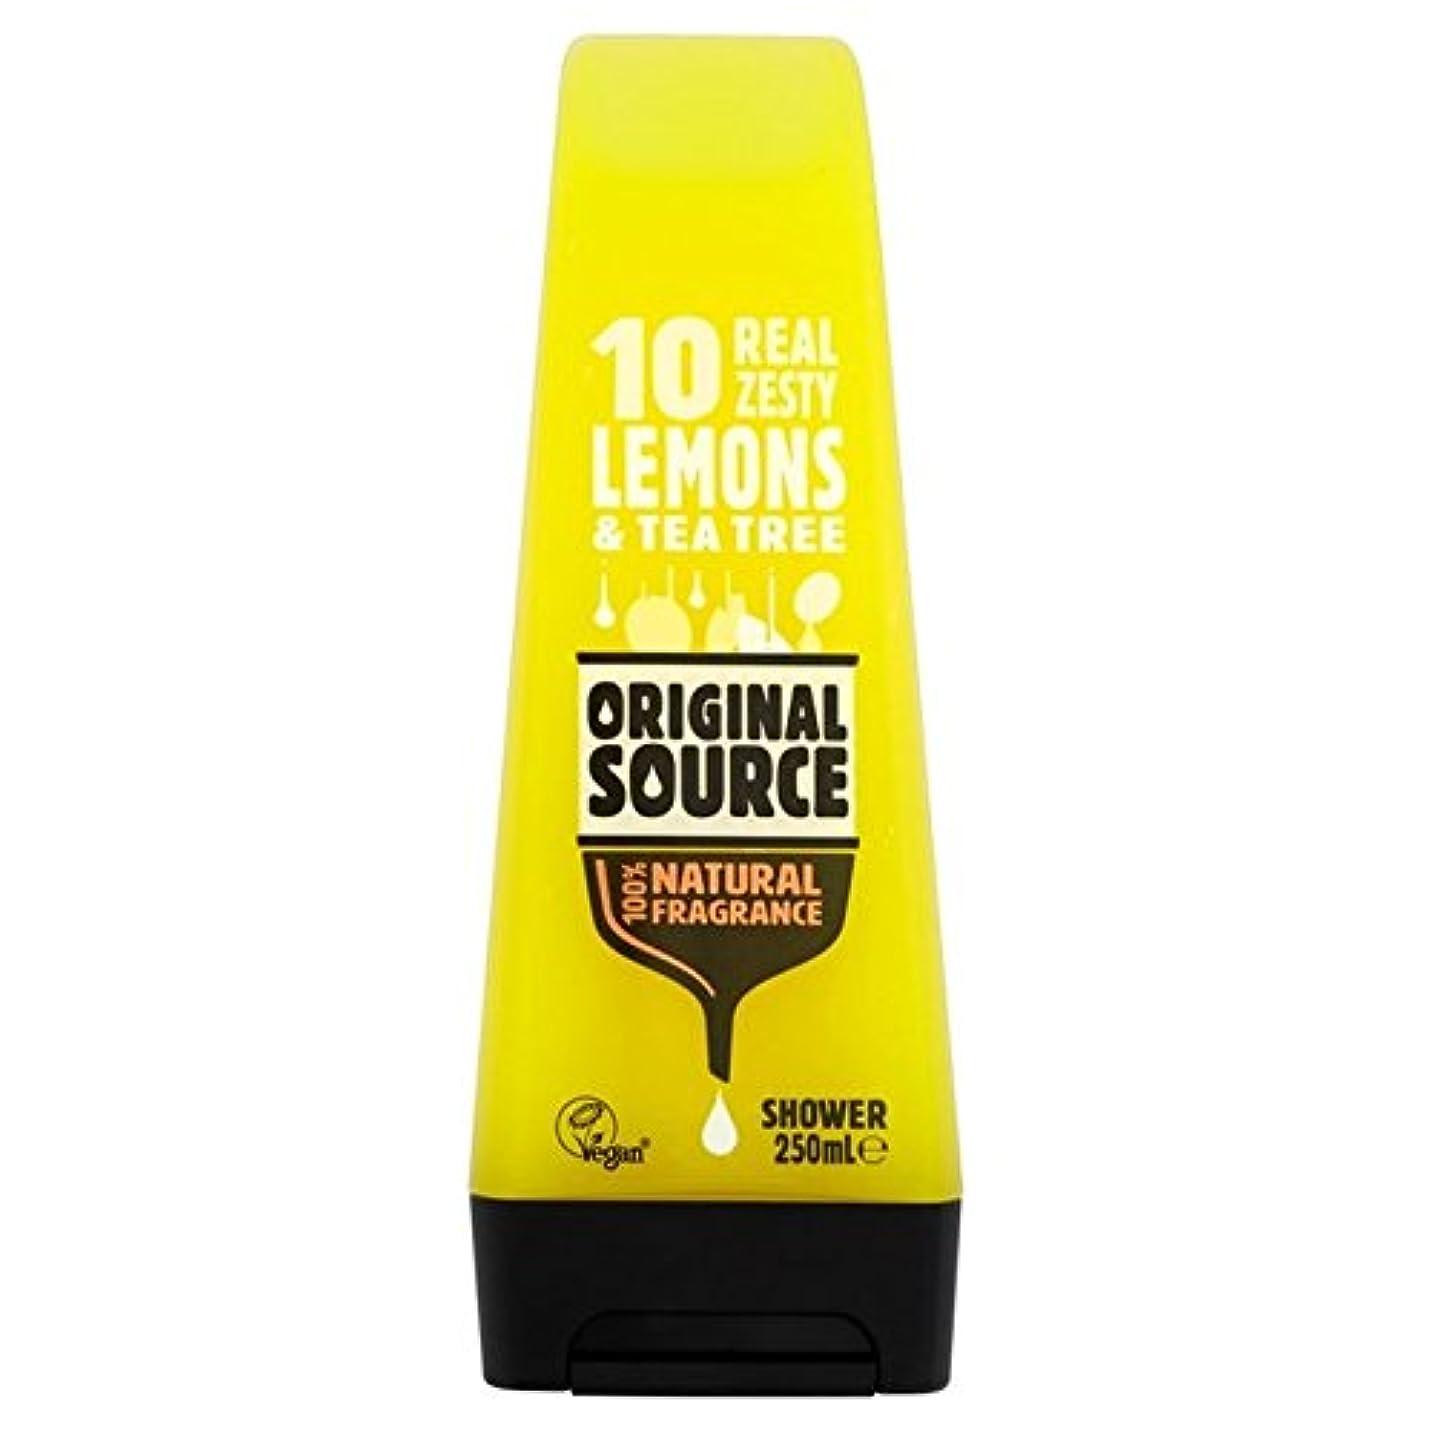 アクセシブル豊かな監査Original Source Lemon Shower Gel 250ml (Pack of 6) - 元のソースのレモンシャワージェル250ミリリットル x6 [並行輸入品]